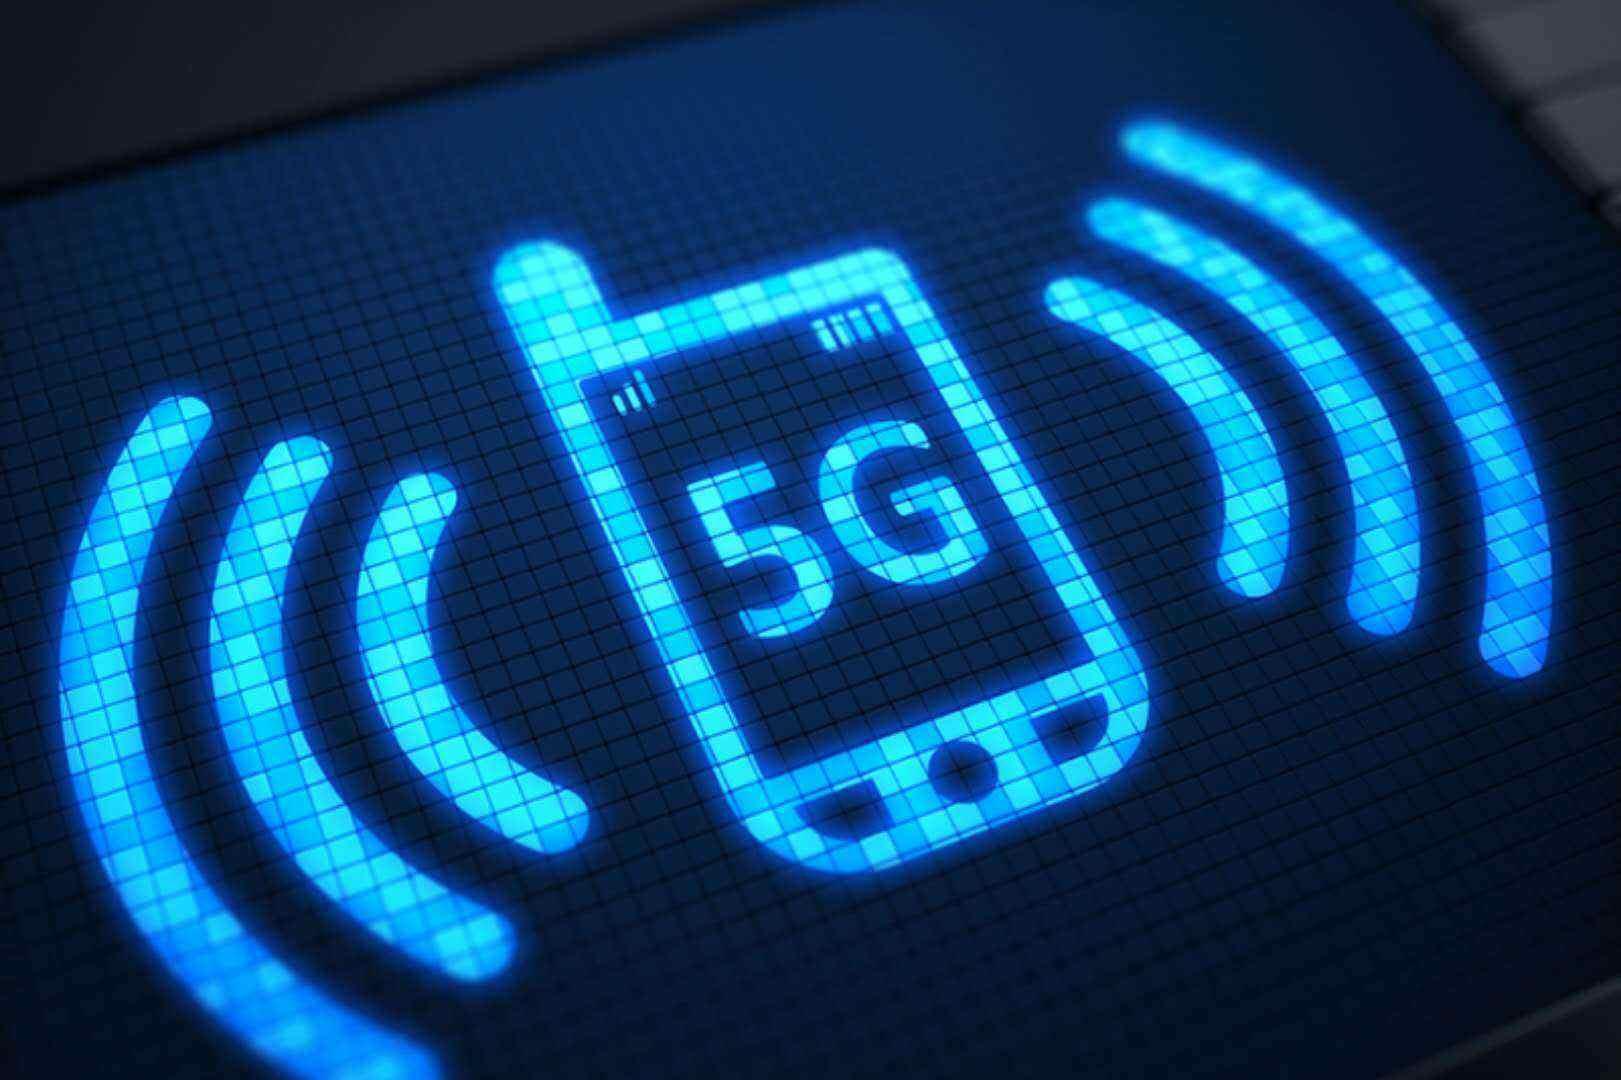 德国电信:禁止华为5G技术将导致欧洲落后